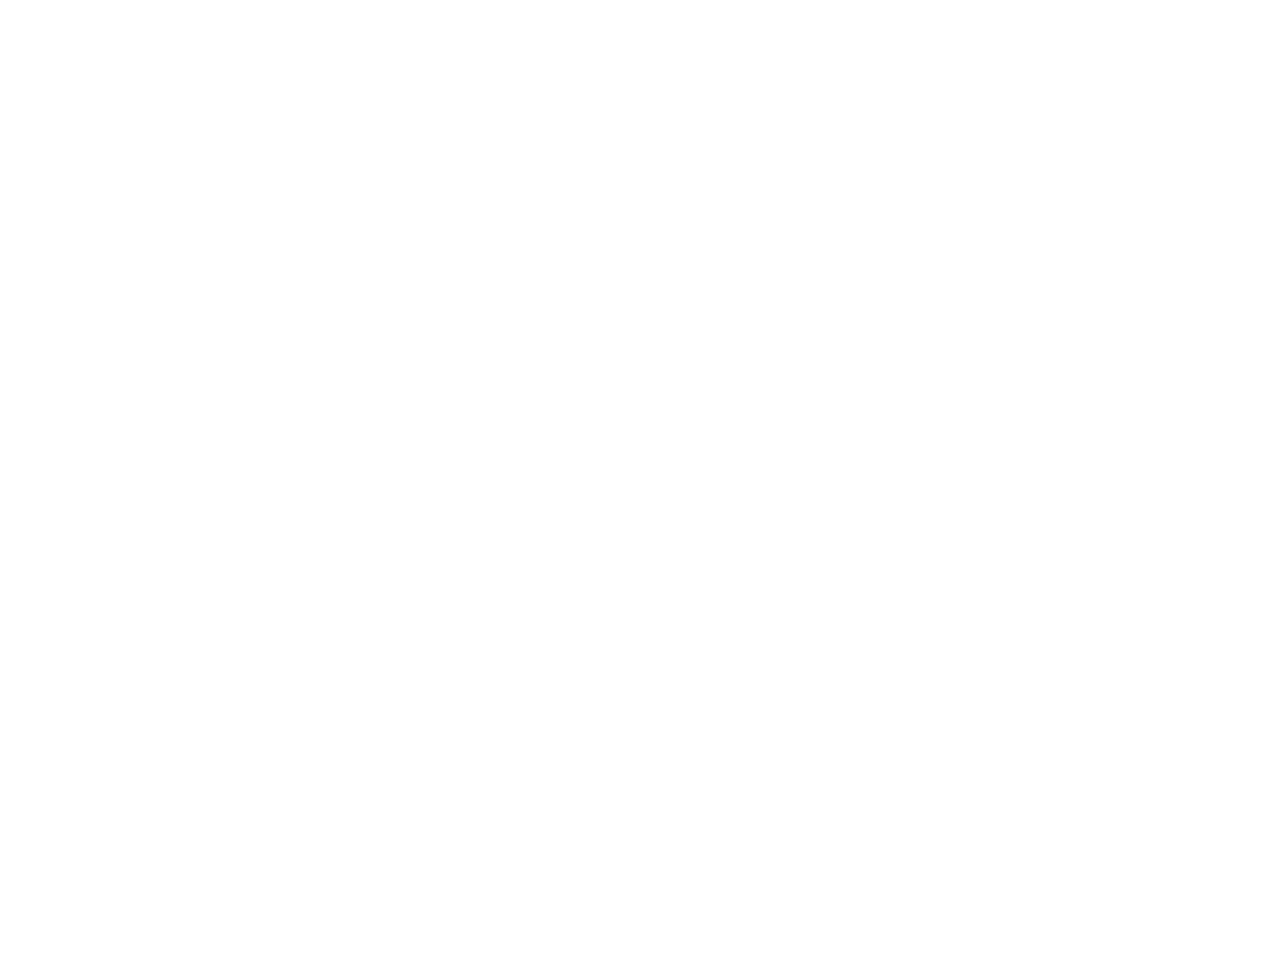 児島会計(税理士法人)